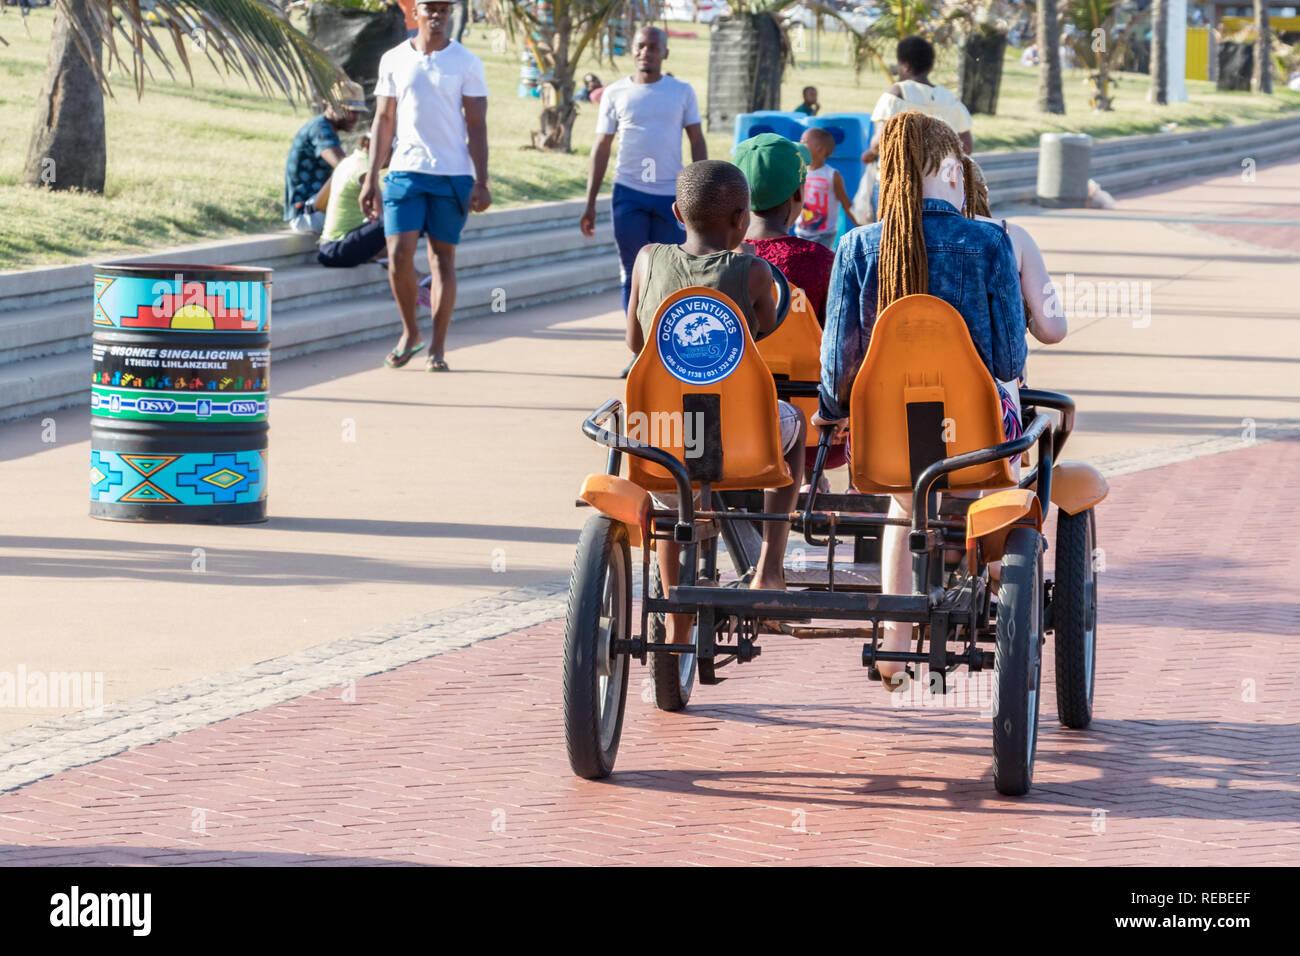 Durban, Südafrika - Januar 06 Th, 2019: Zwei schwarze Jungen und zwei Weiß-kaukasischen Mädchen in einem quadricycle für eine Fahrt in den Strand von Durban, Südafrika Stockbild